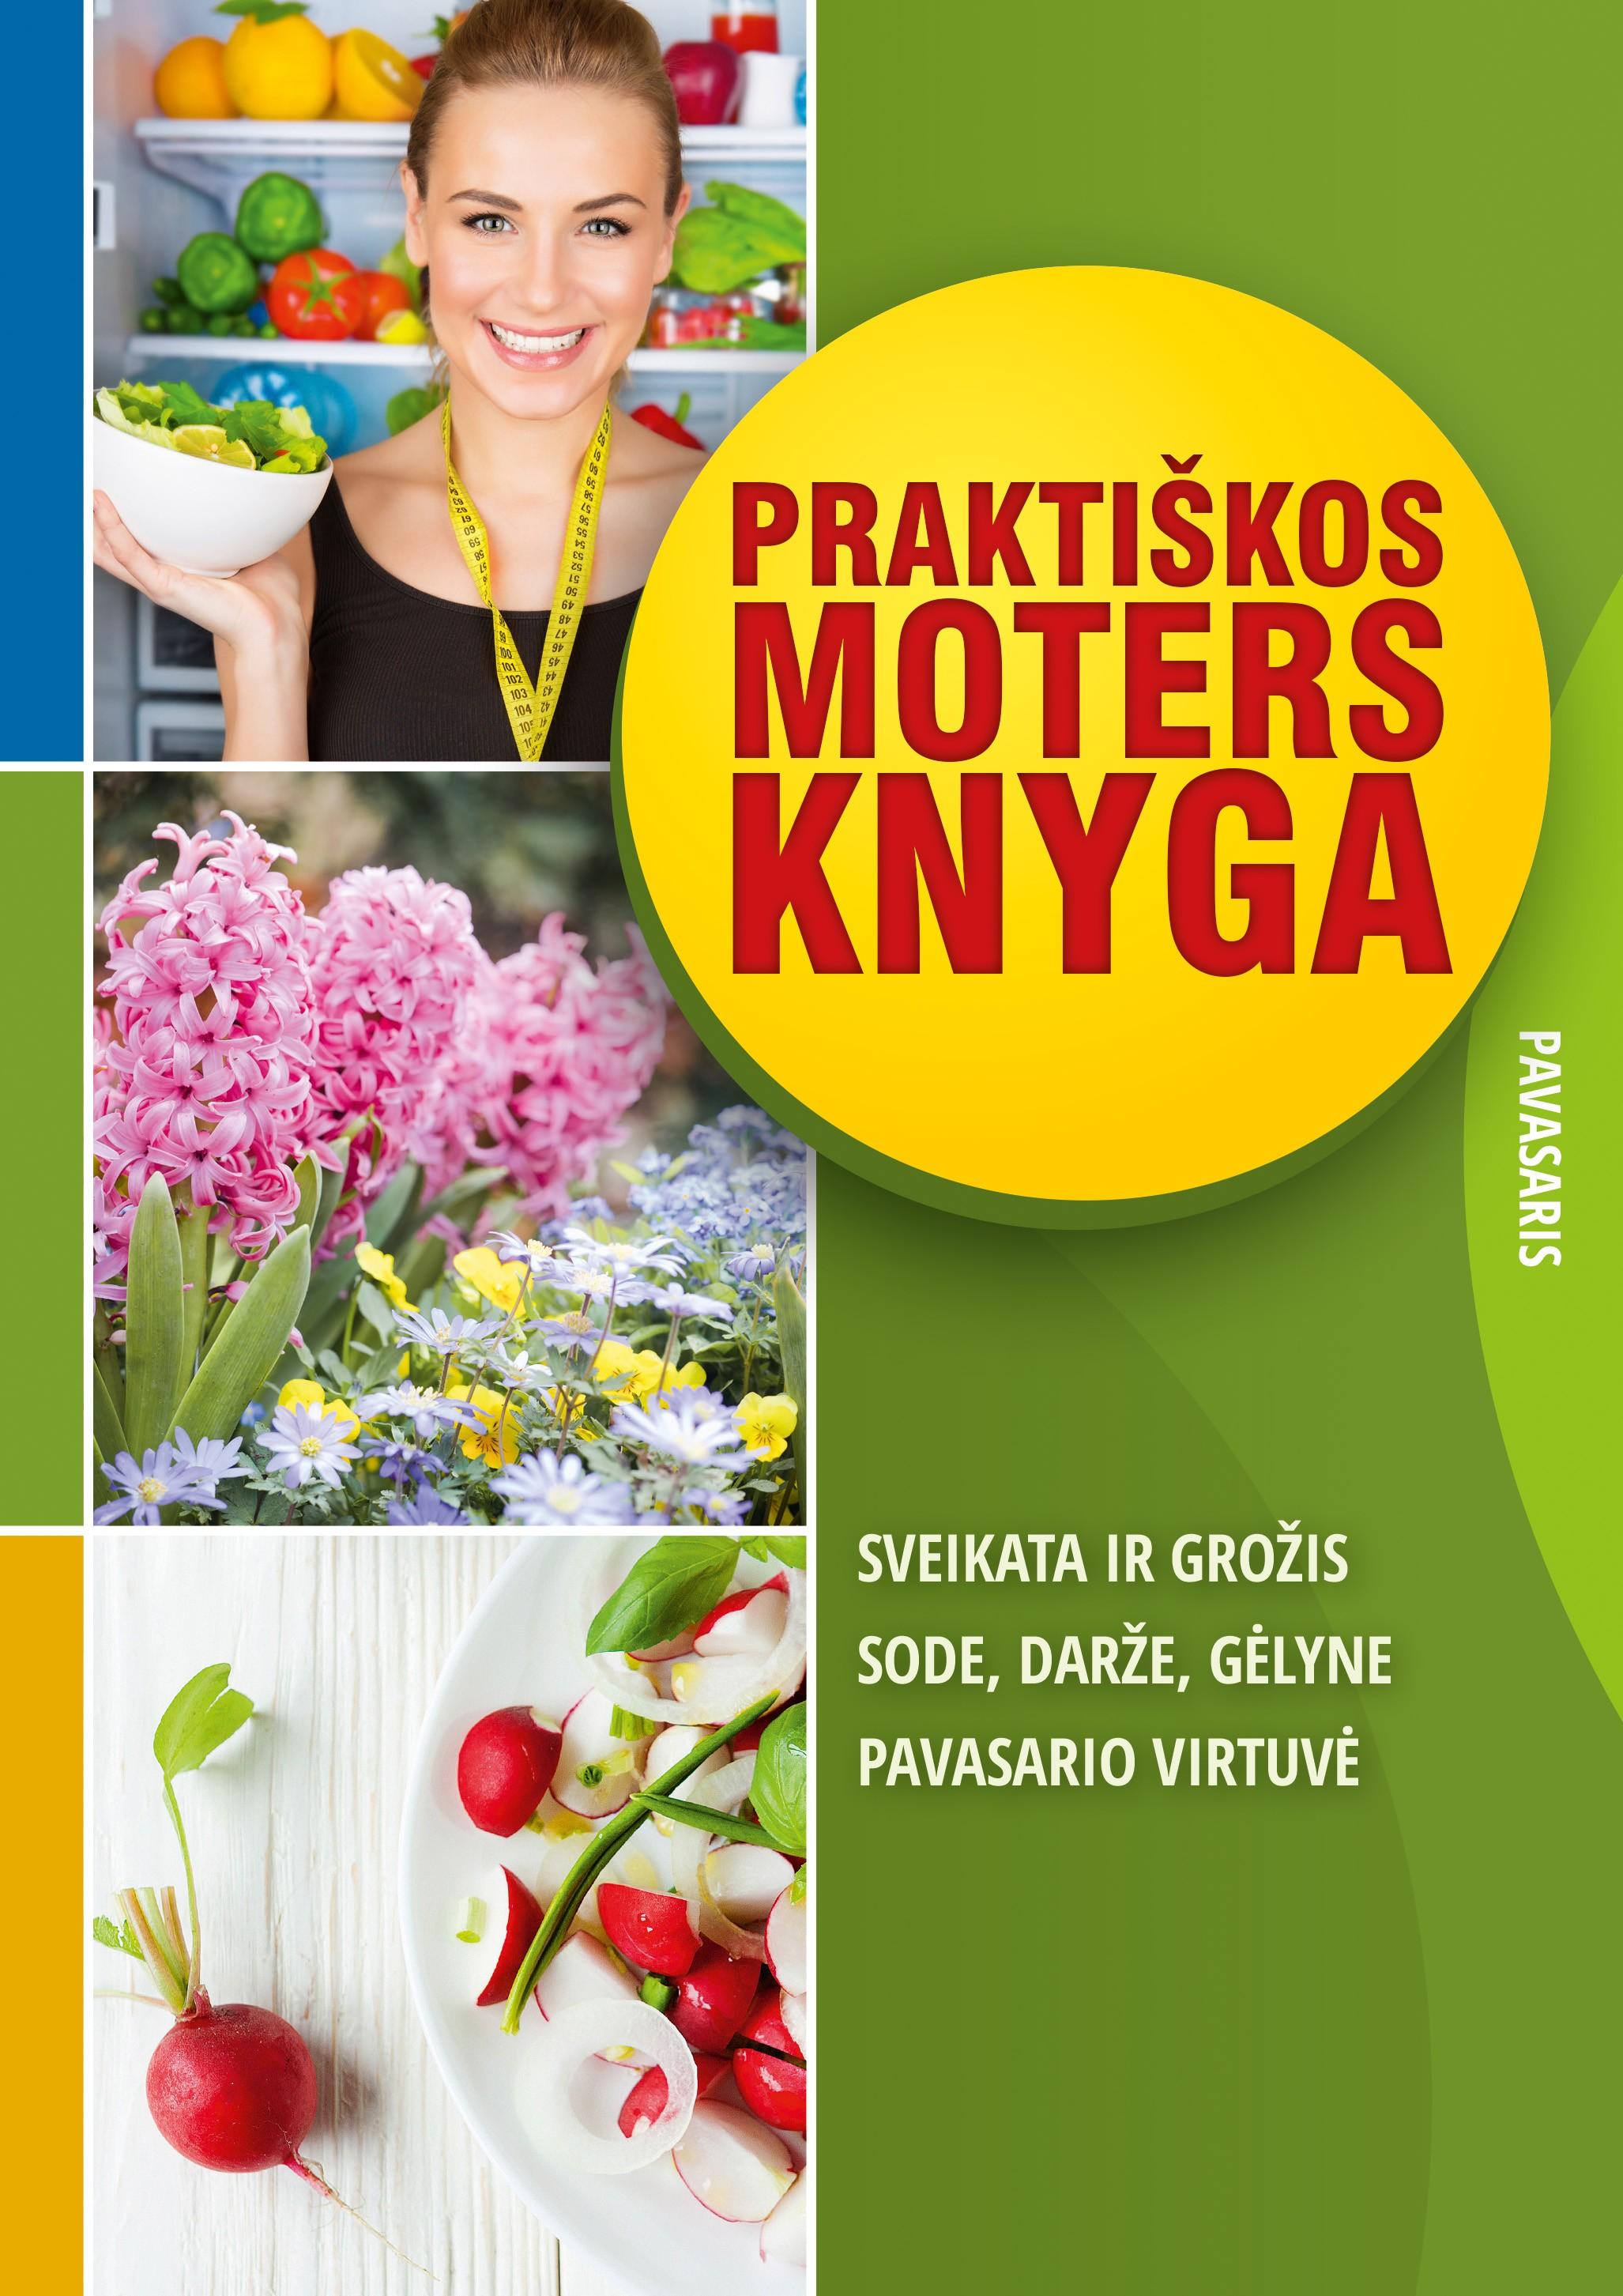 Praktiškos moters knyga : sveikata ir grožis : sode, darže, gėlyne : pavasario virtuvė